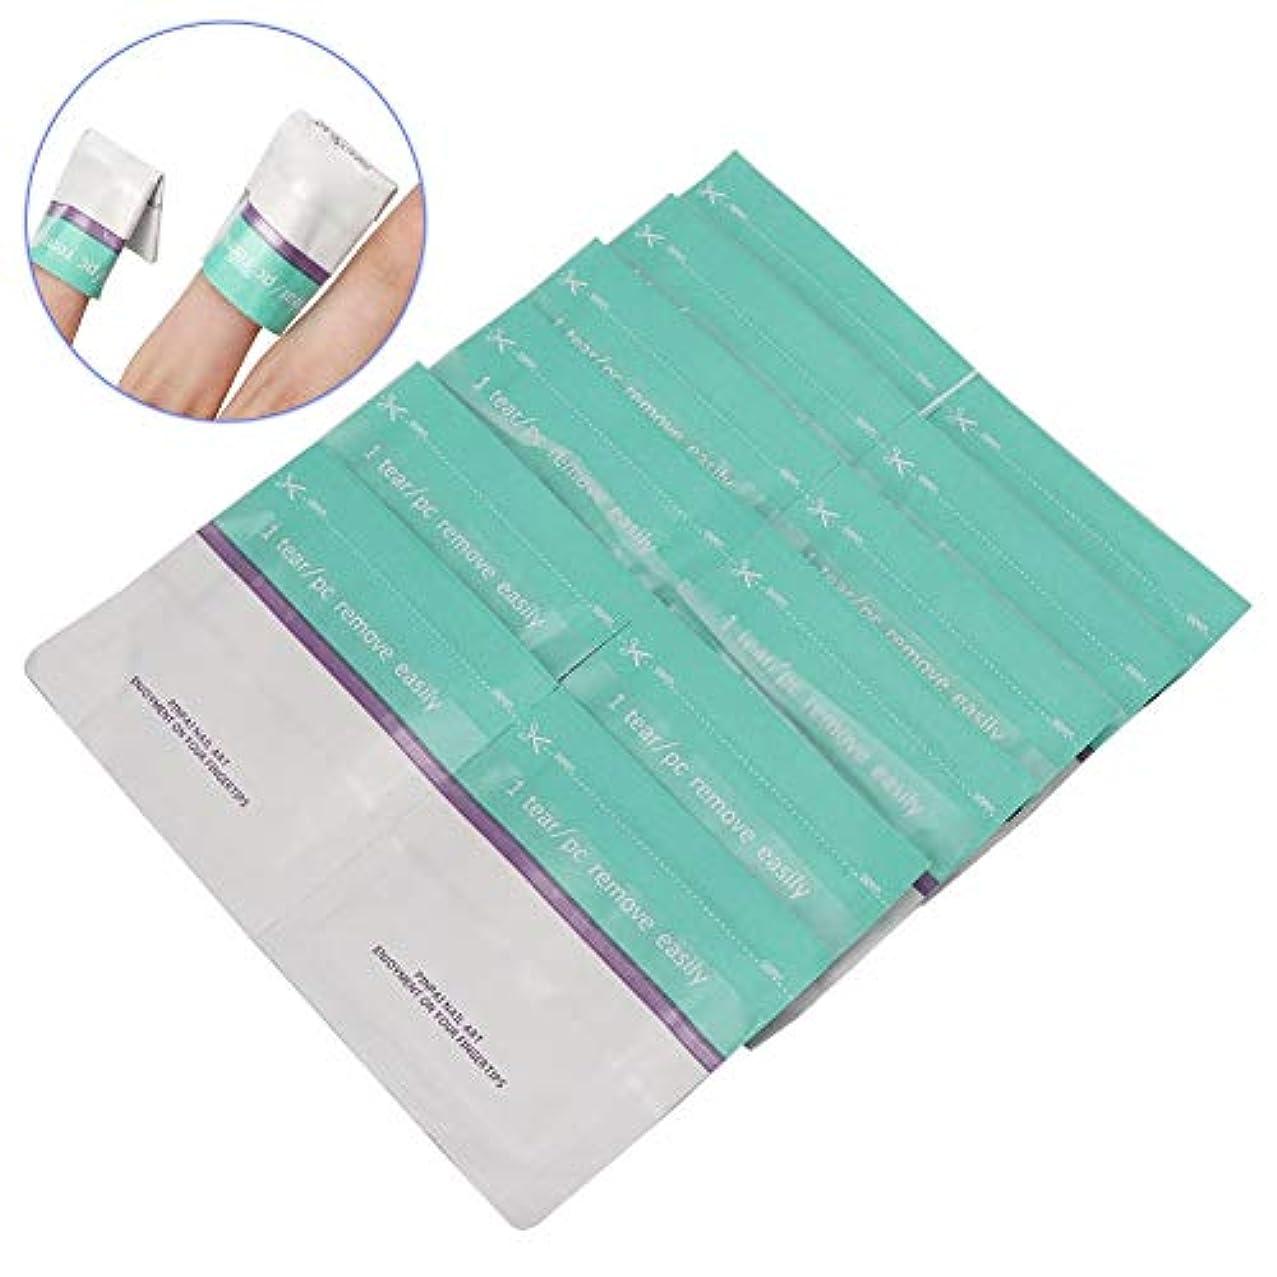 チャーミング揃える習字Yuyte 200ピース使い捨てネイルポリッシュリムーバー錫箔ラップuvジェルリムーバーコットンパッドマニキュアツール